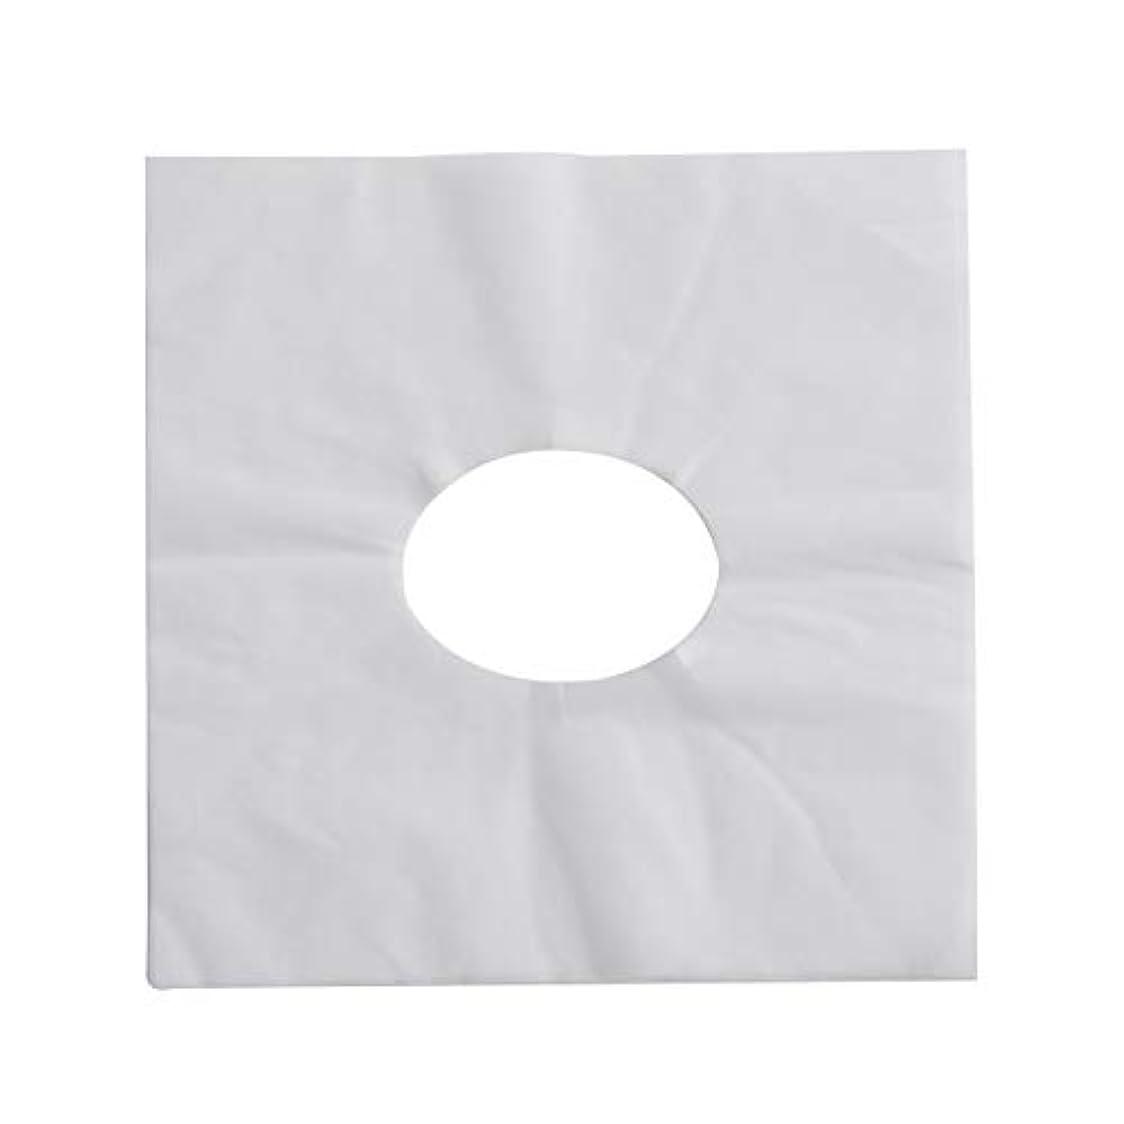 良心的開示するデコレーションSUPVOX 100ピース使い捨てマッサージフェイスクレードルカバーフェイスマッサージヘッドレストカバー用スパ美容院マッサージ(ホワイト)